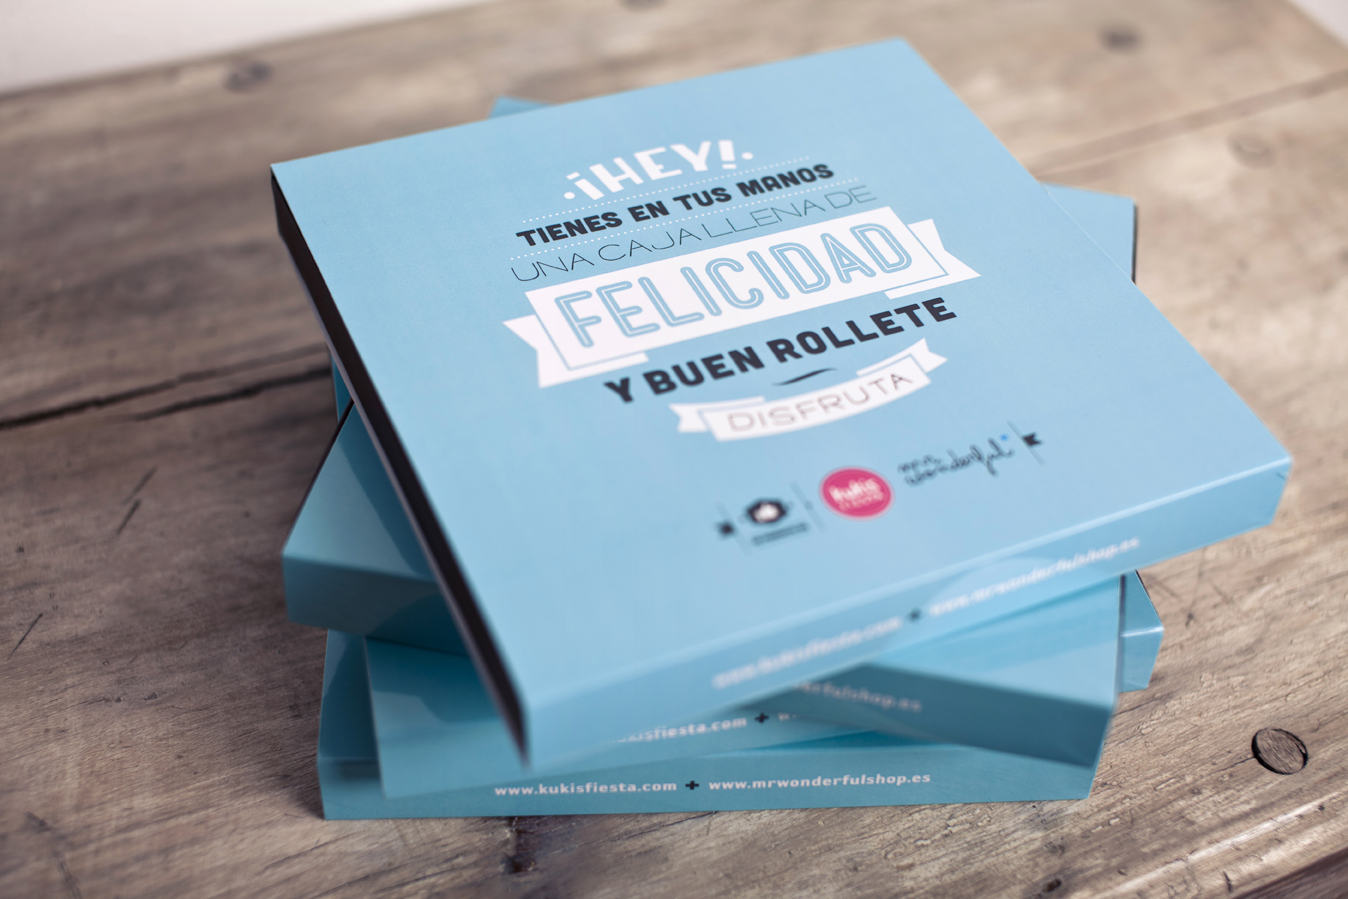 galletas mrwonderful packaging